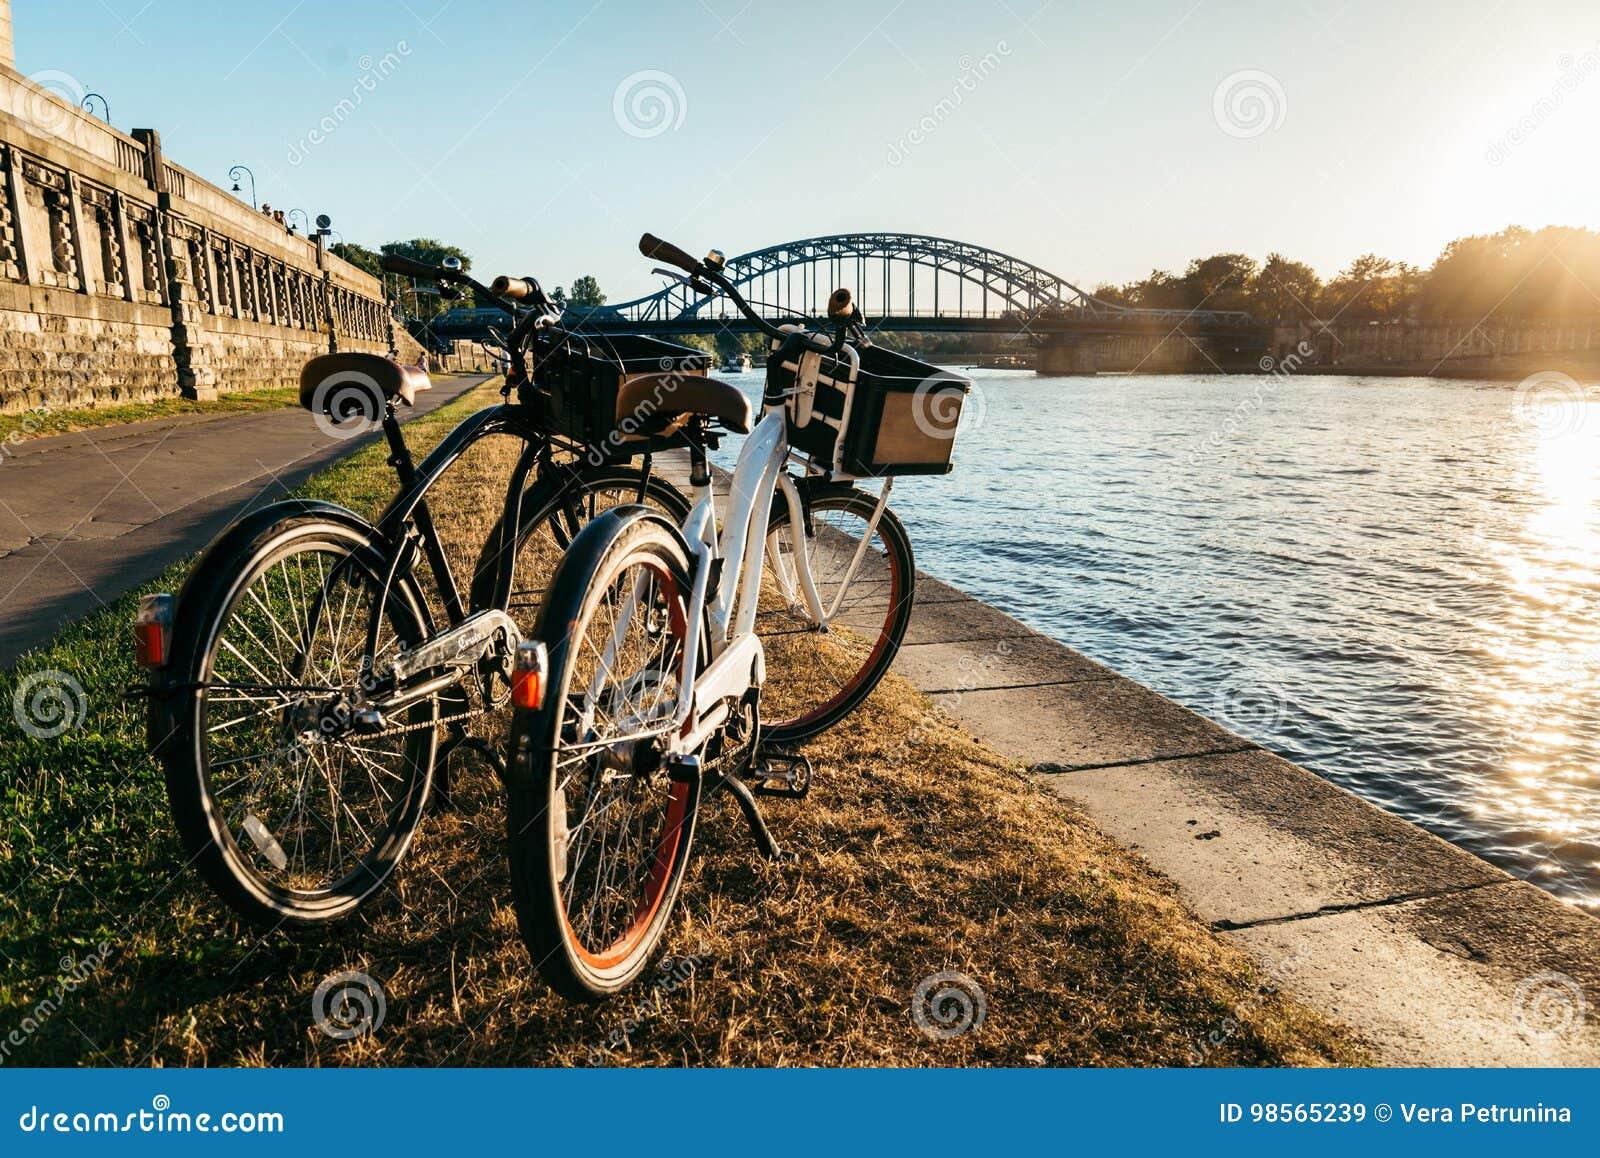 Zwei Fahrräder am Damm auf Sonnenuntergang